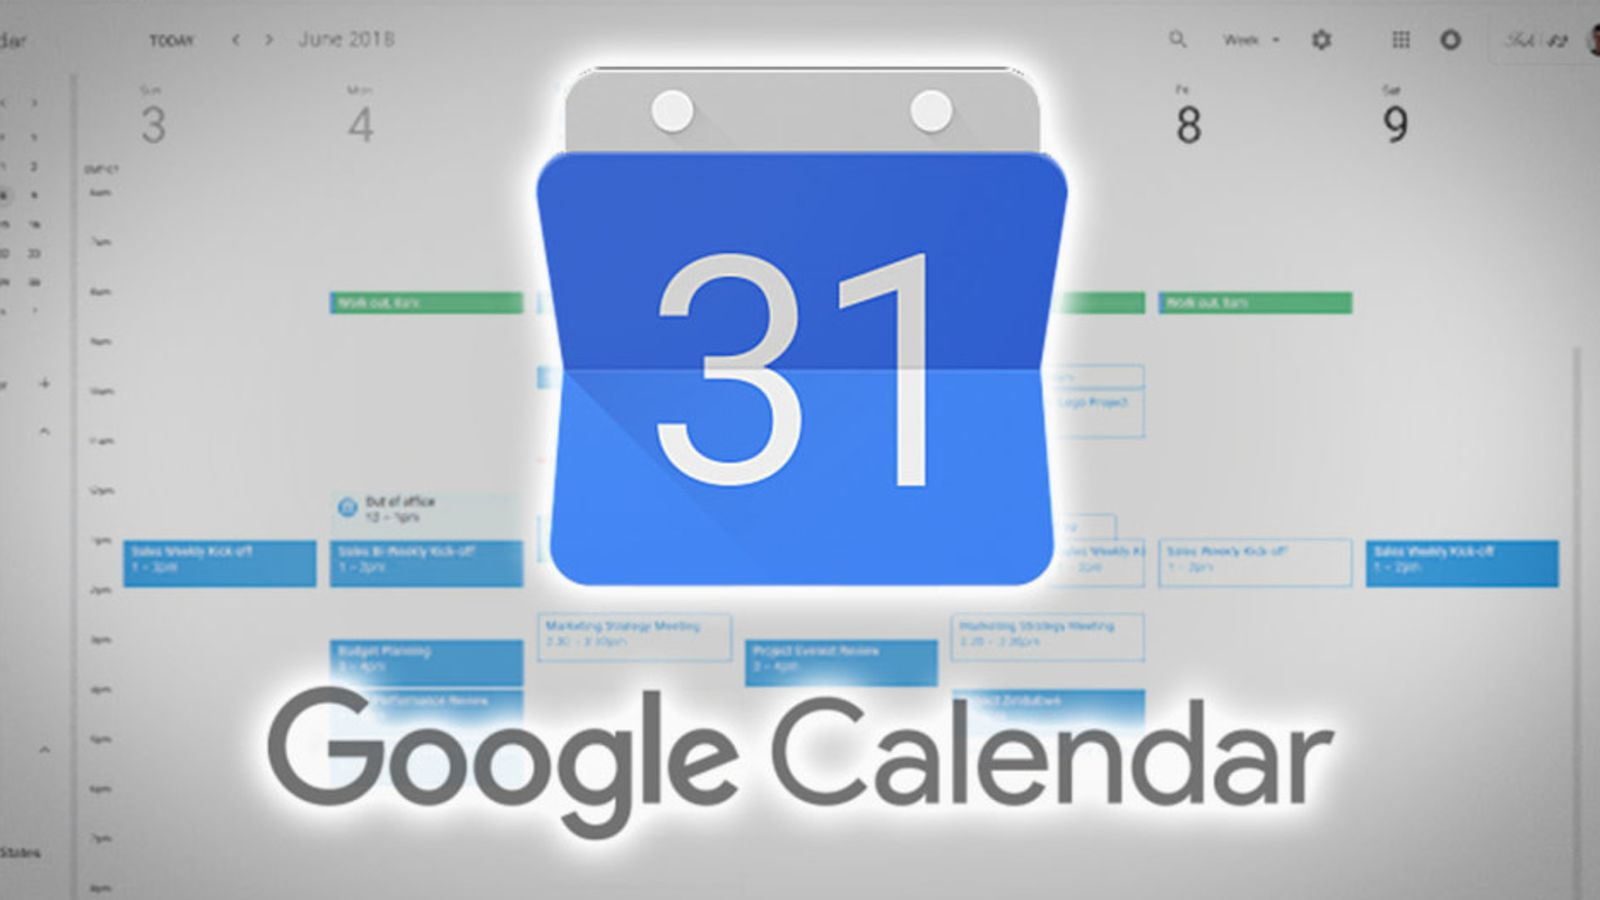 pierdere în greutate calendar google